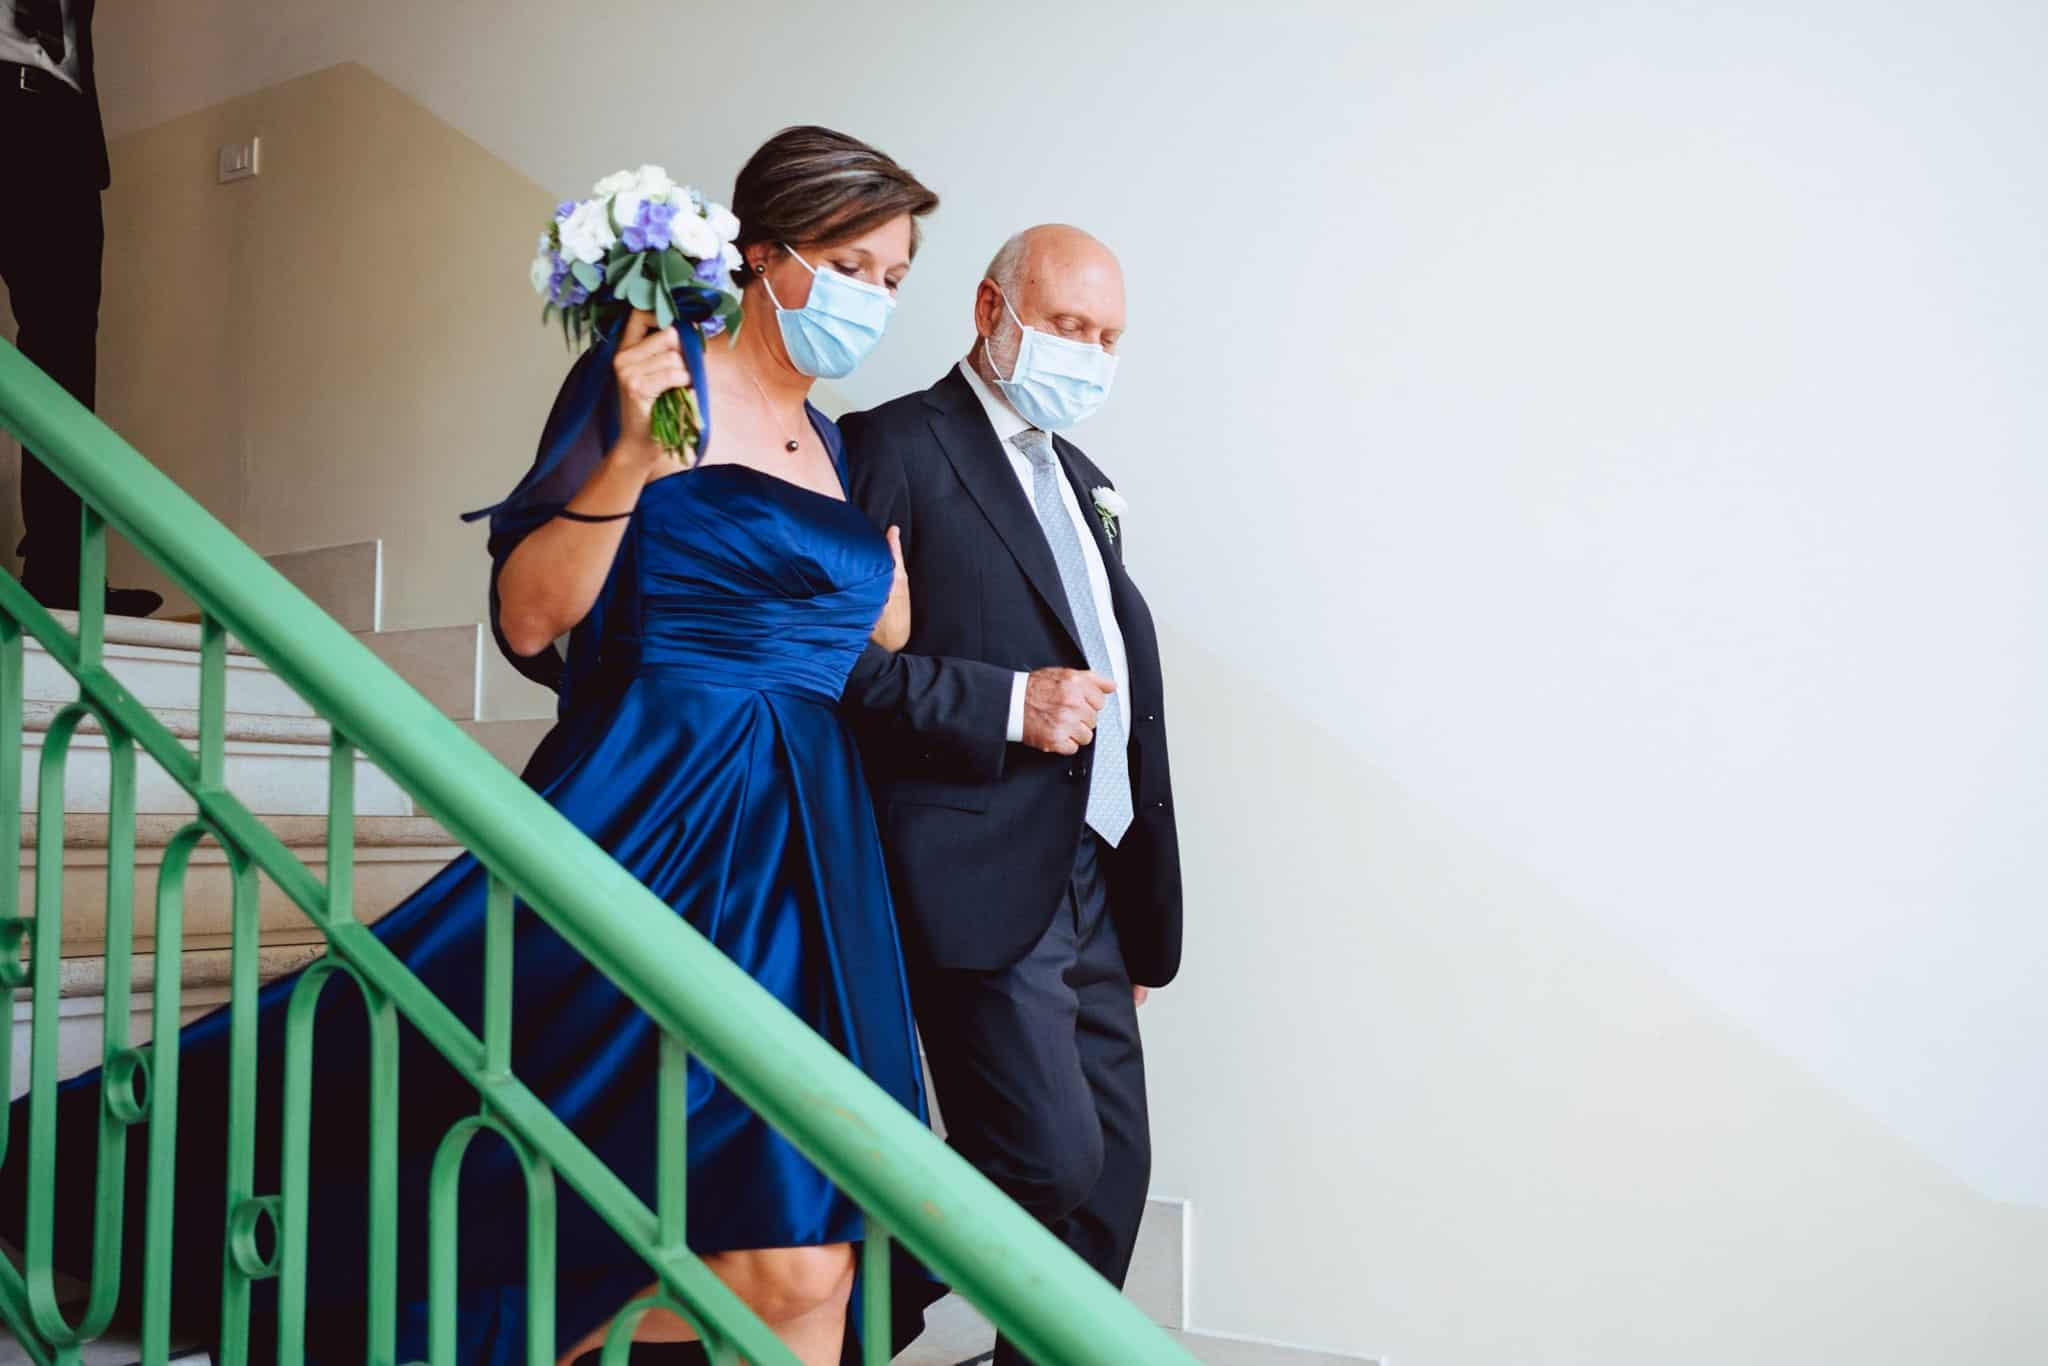 matrimonio valpolicella verona Costa degli ulivi 0019